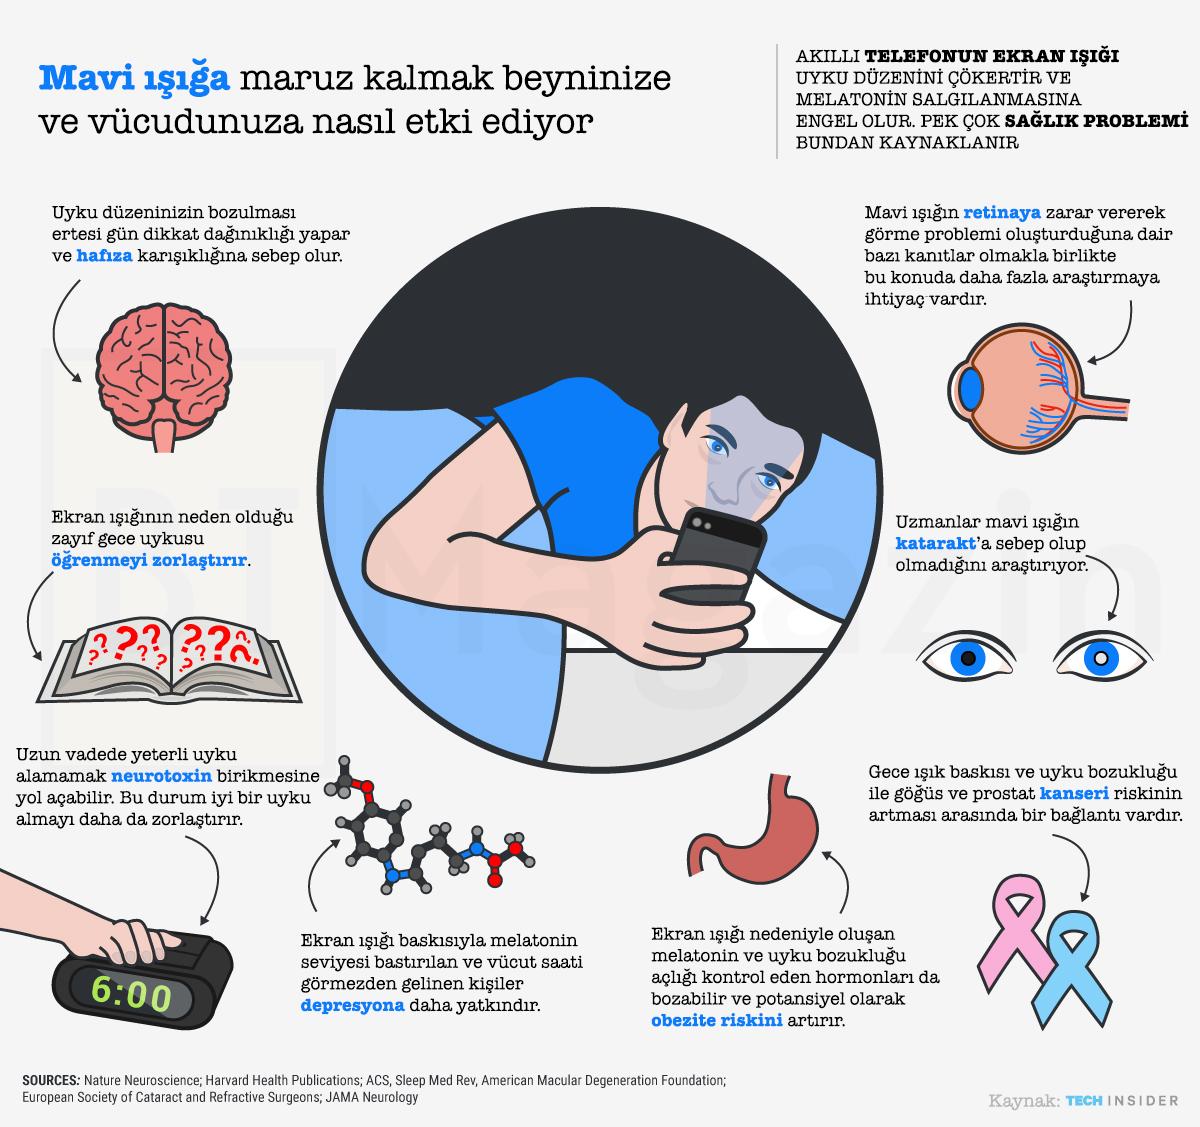 akıllı telefon ekranı uyku düzenini bozuyor